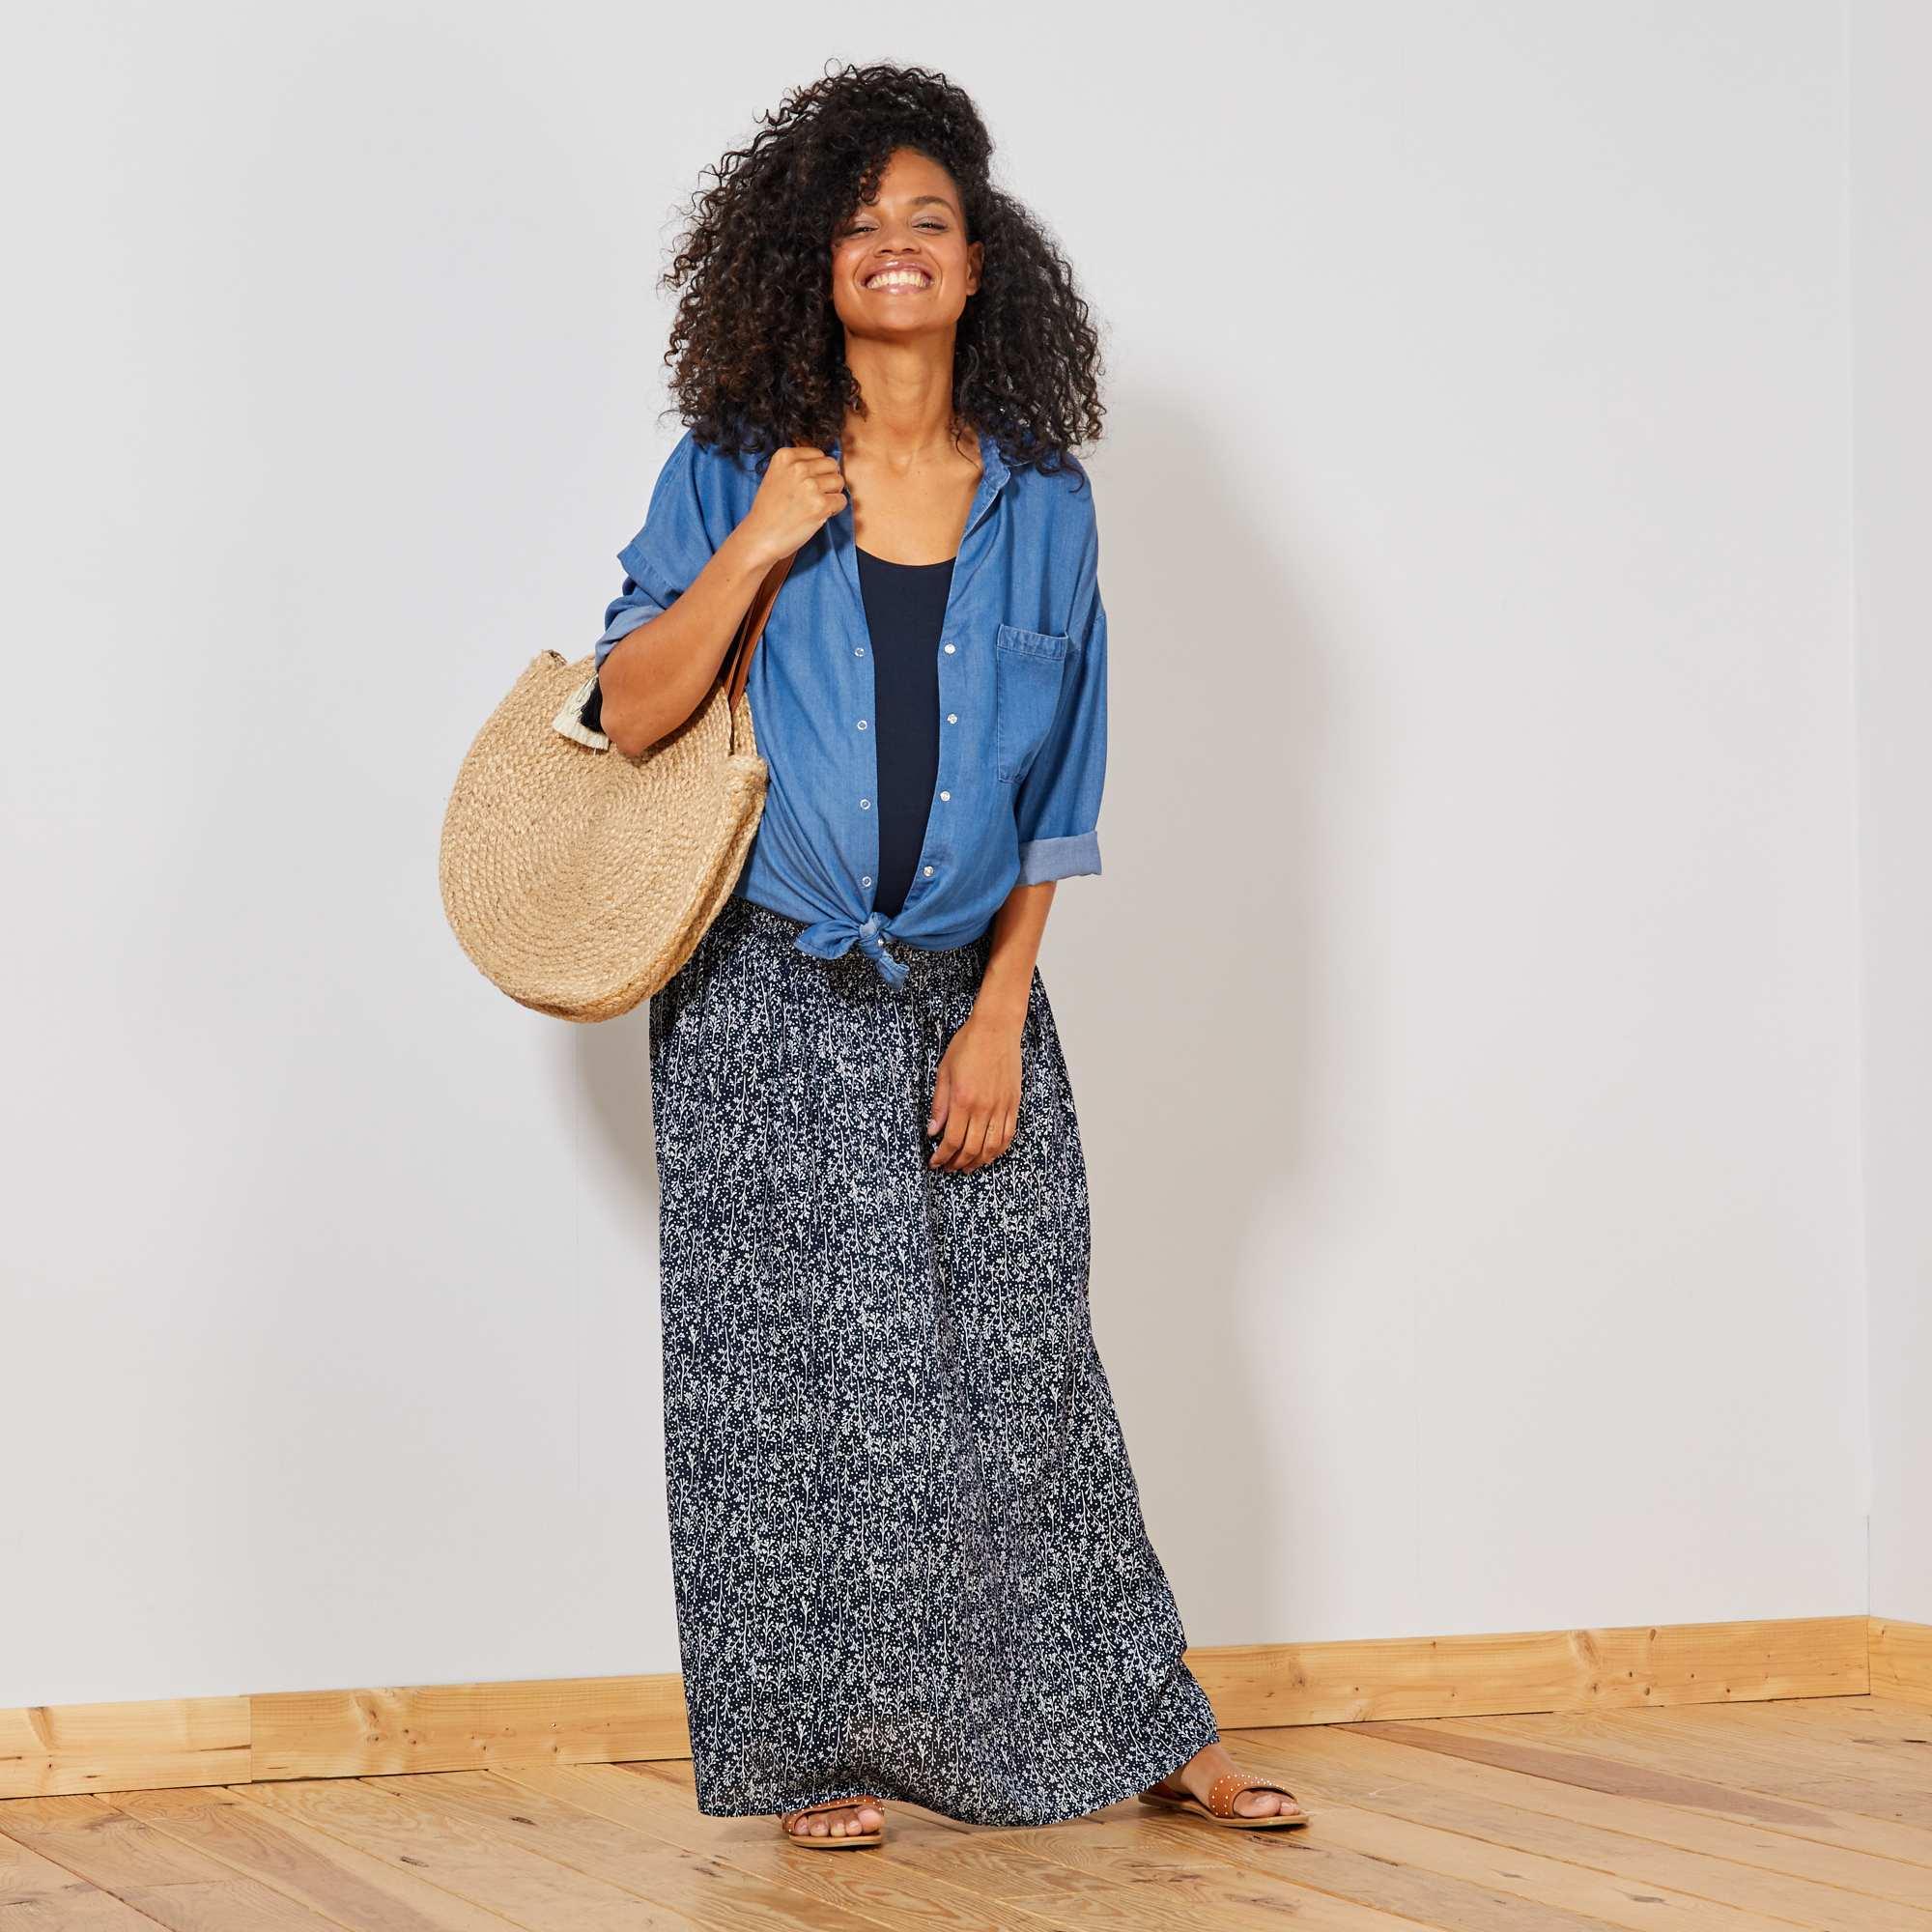 58d37efaa32 Jupe longue de maternité Vêtement de grossesse - bleu - Kiabi - 18